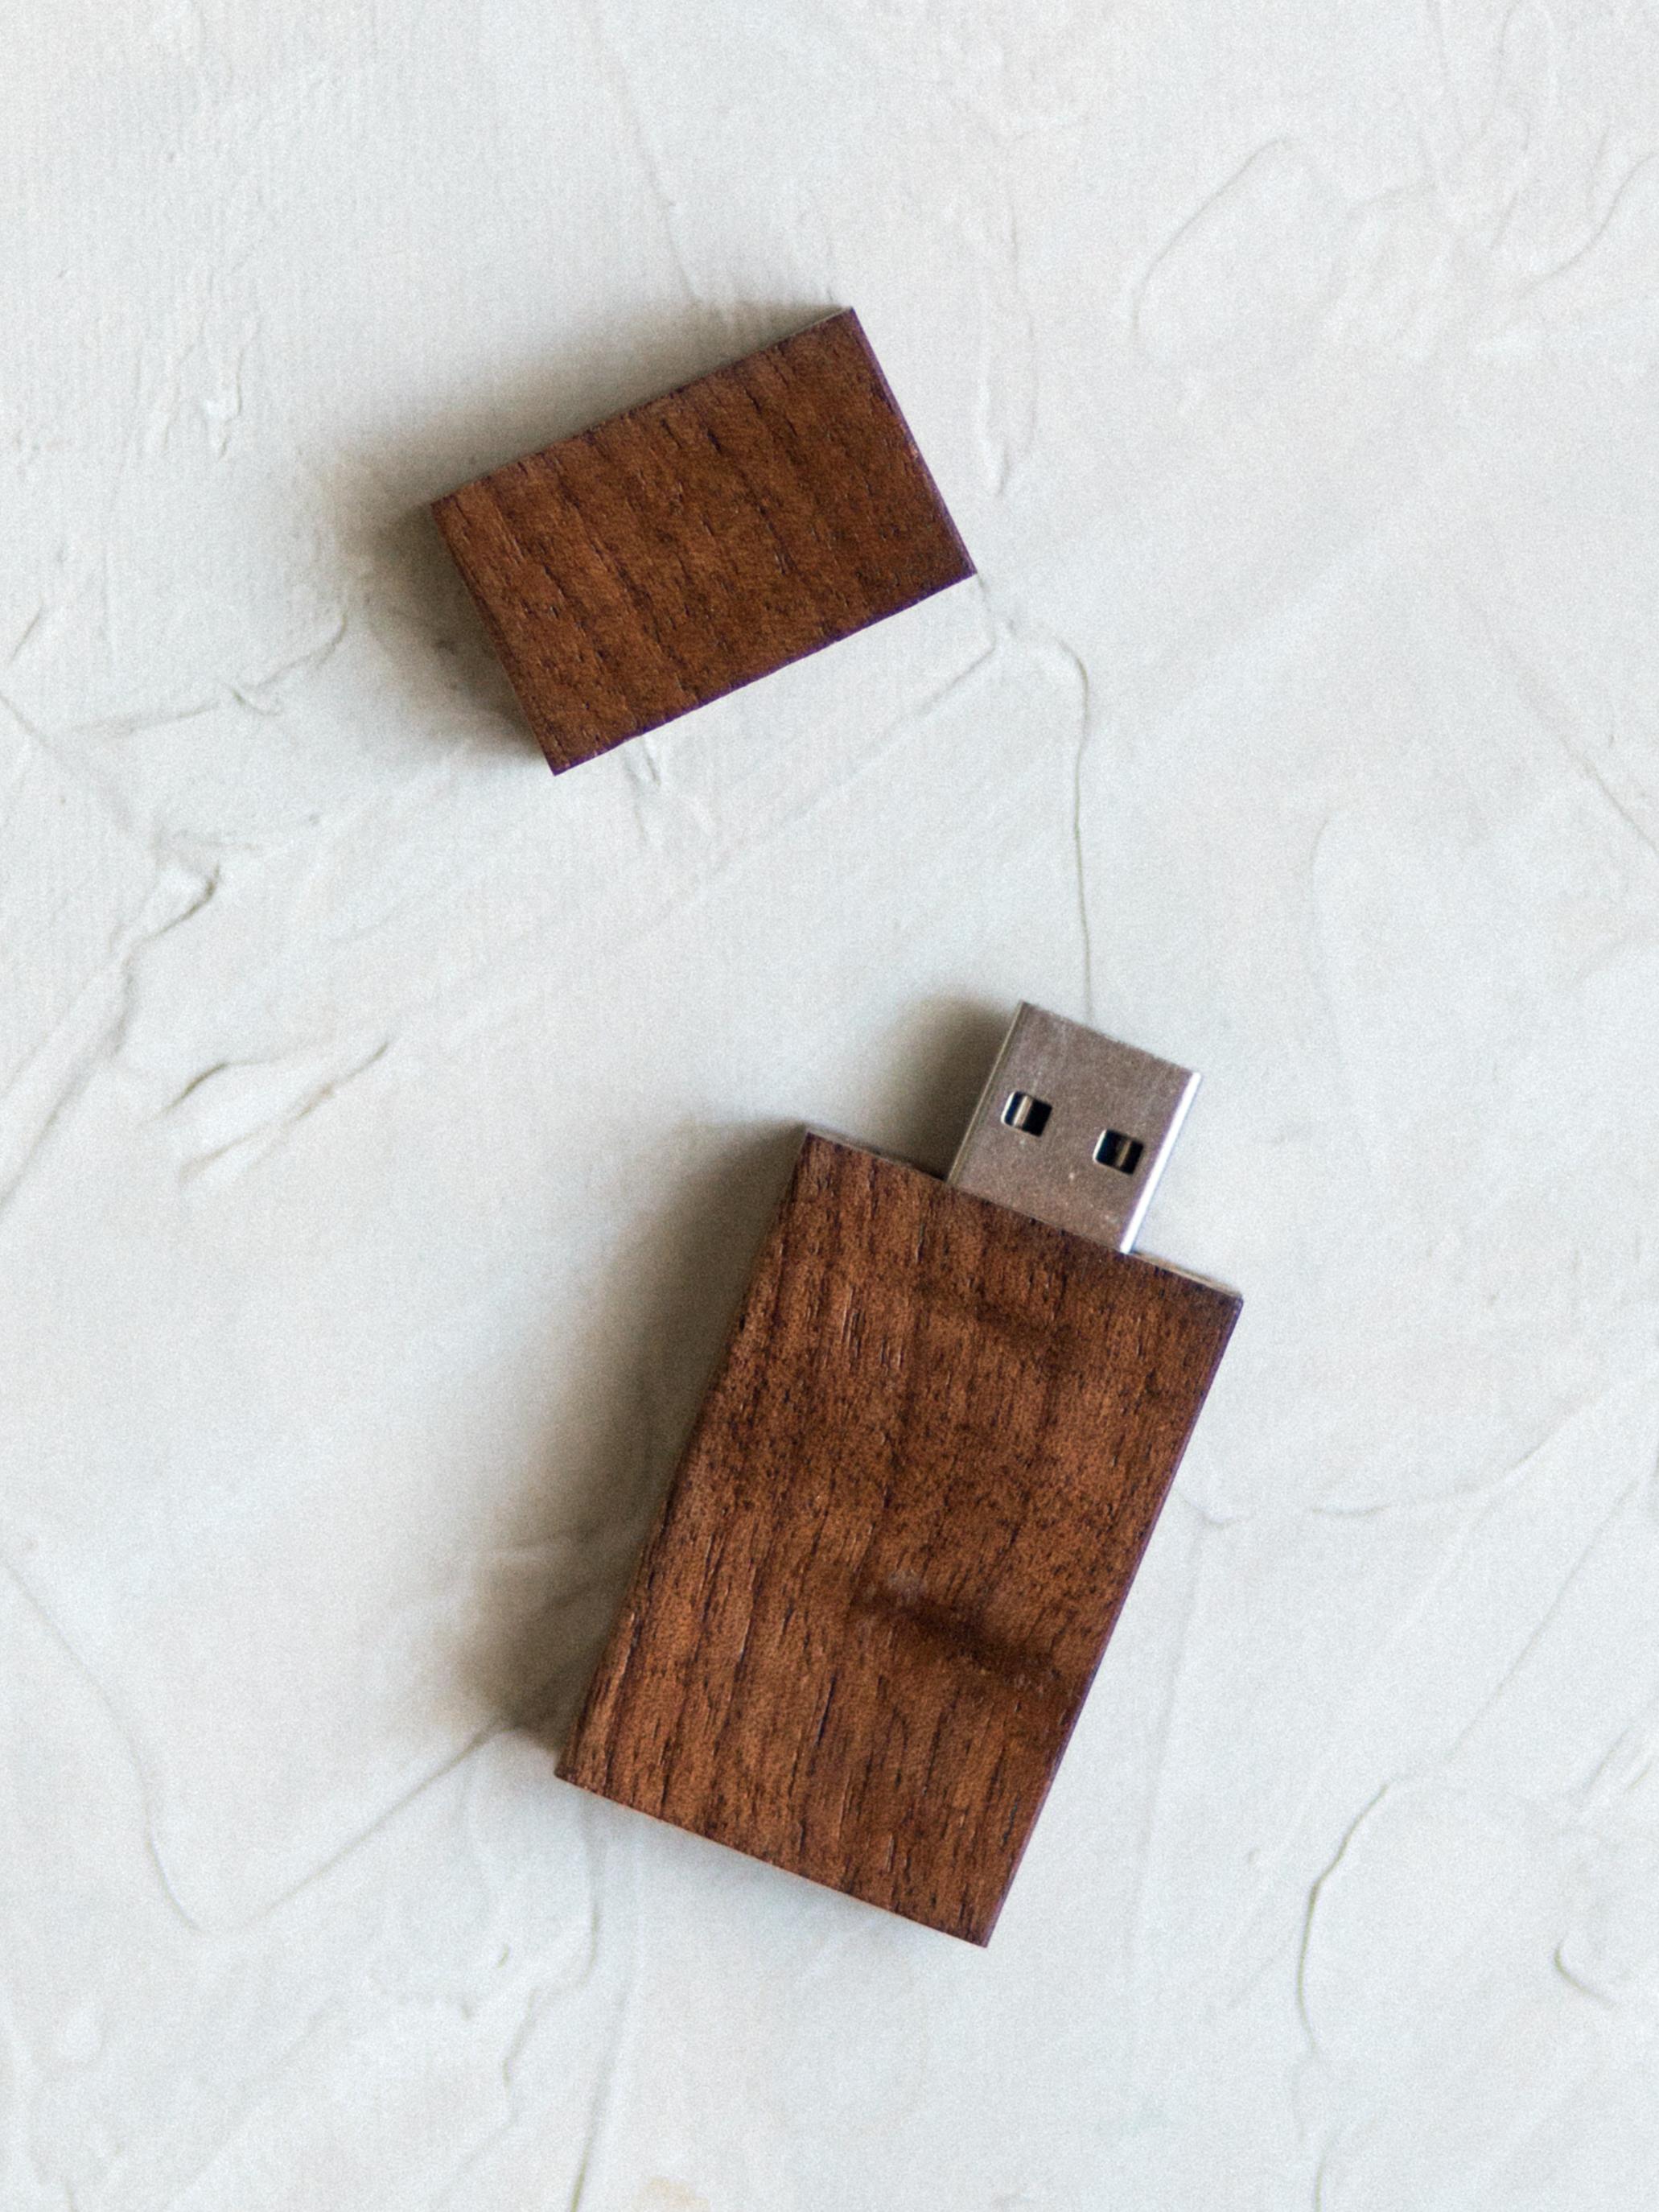 USB-3.jpg